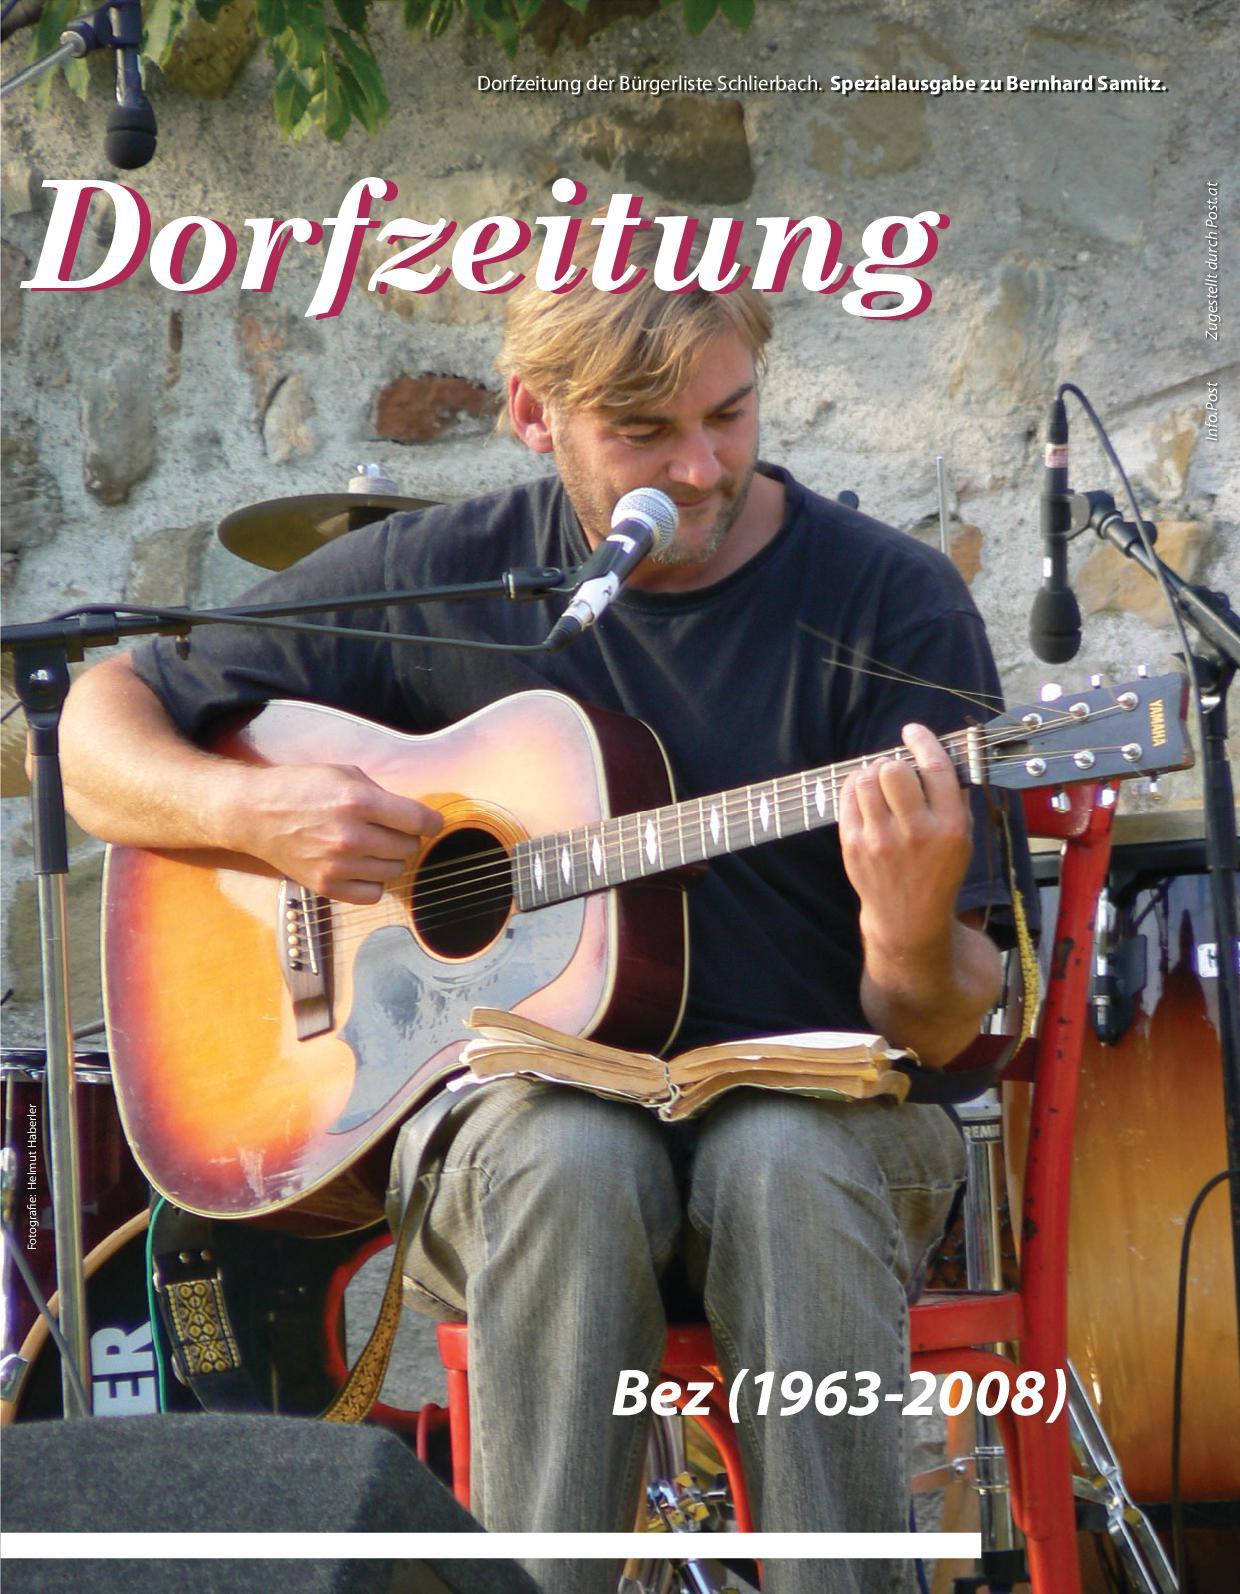 Aktionen Archives - Seite 2 von 2 - DrГјckGlГјck Blog